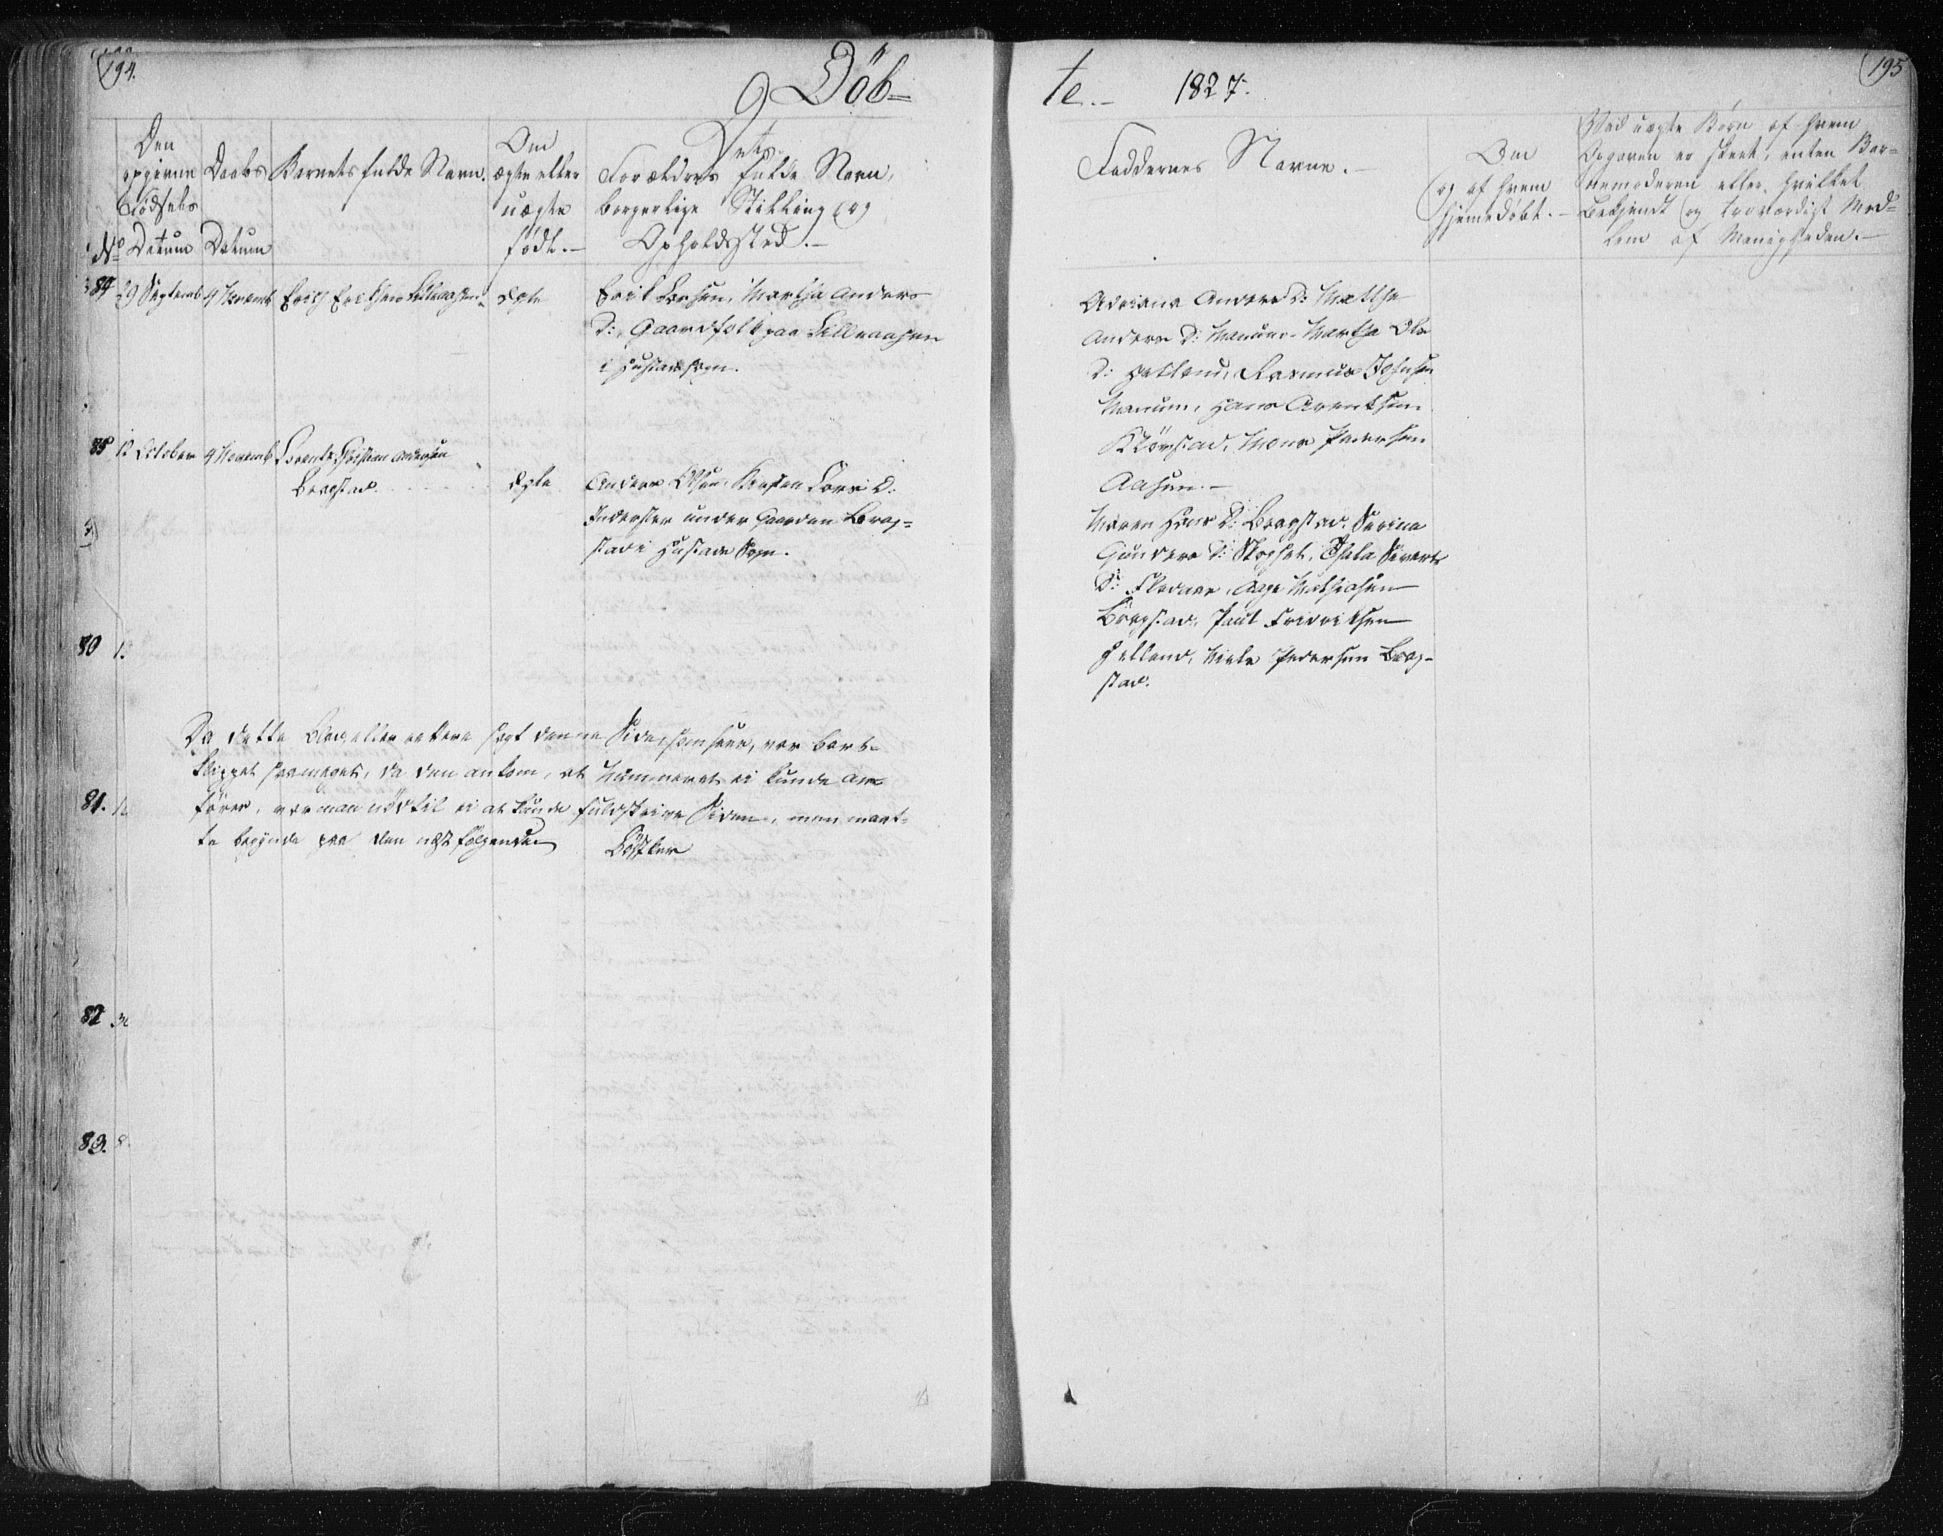 SAT, Ministerialprotokoller, klokkerbøker og fødselsregistre - Nord-Trøndelag, 730/L0276: Parish register (official) no. 730A05, 1822-1830, p. 194-195